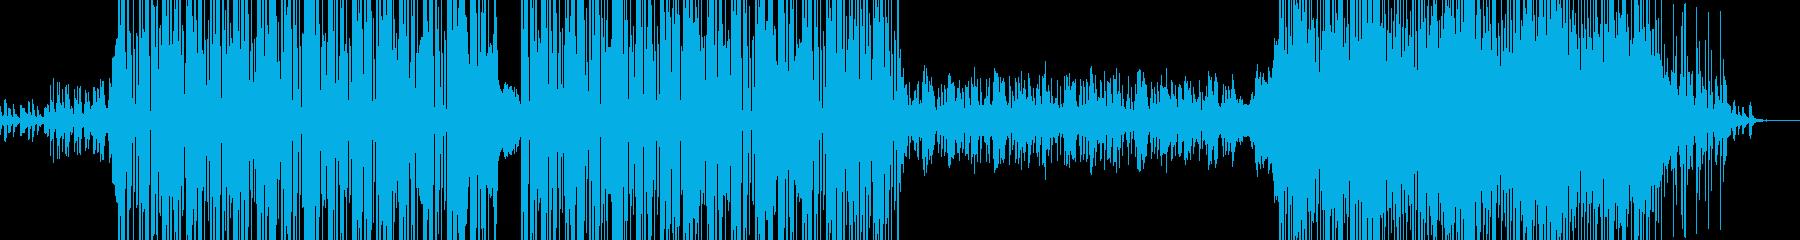 いいテンポ感のテクノBGMの再生済みの波形